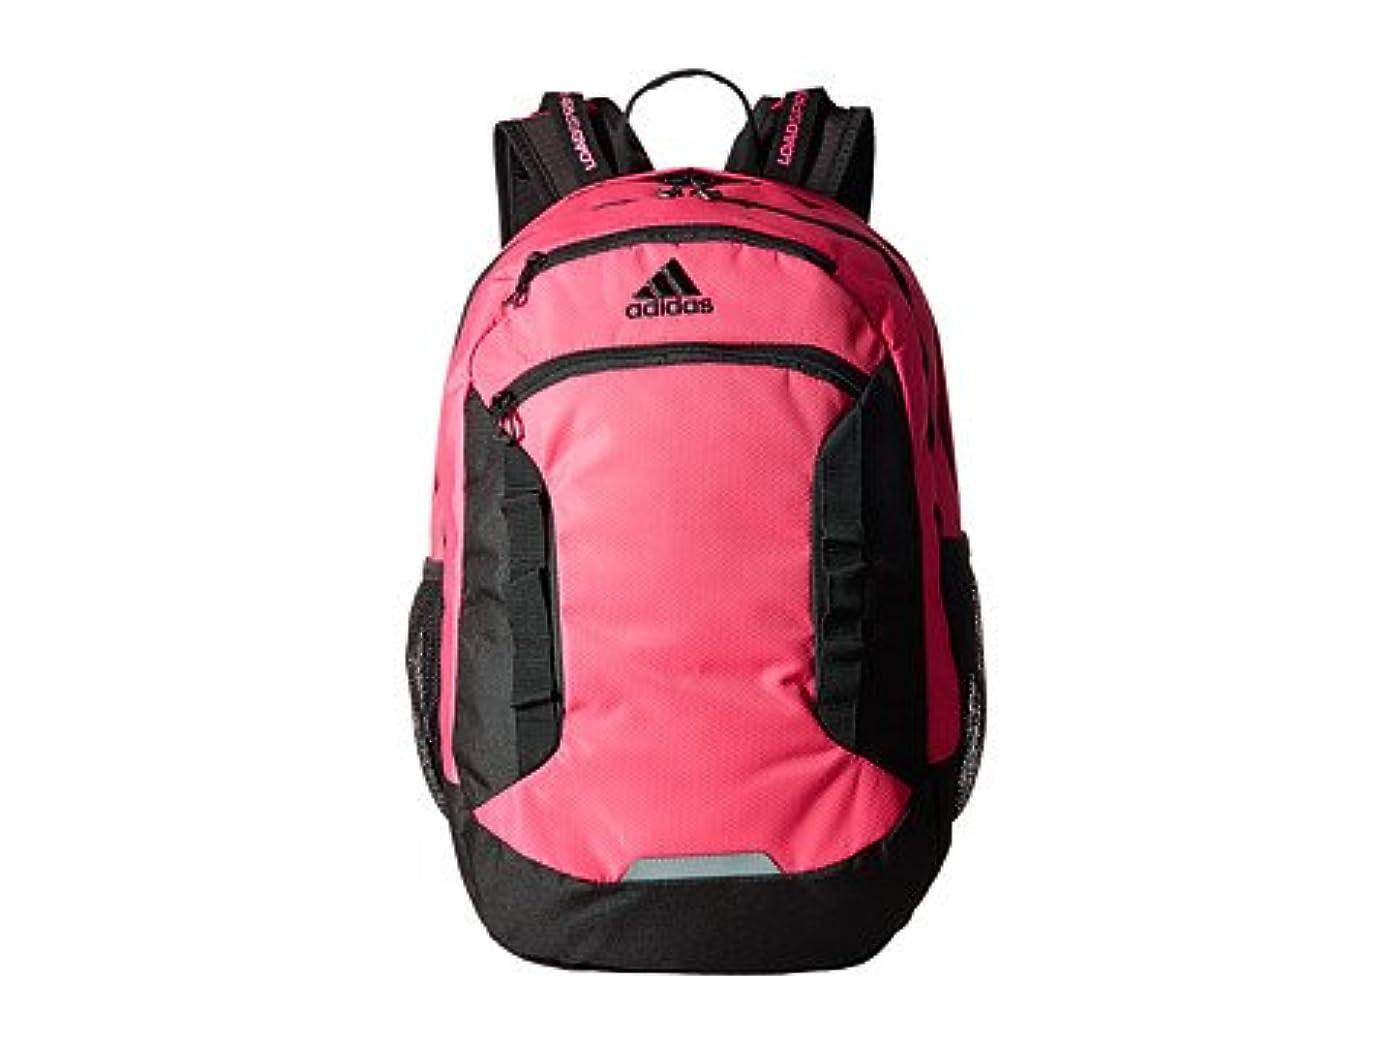 ポーク先入観お母さん(アディダス) adidas リュック?バックパック Excel III Backpack Shock Pink/Black/Grey One Size OS [並行輸入品]